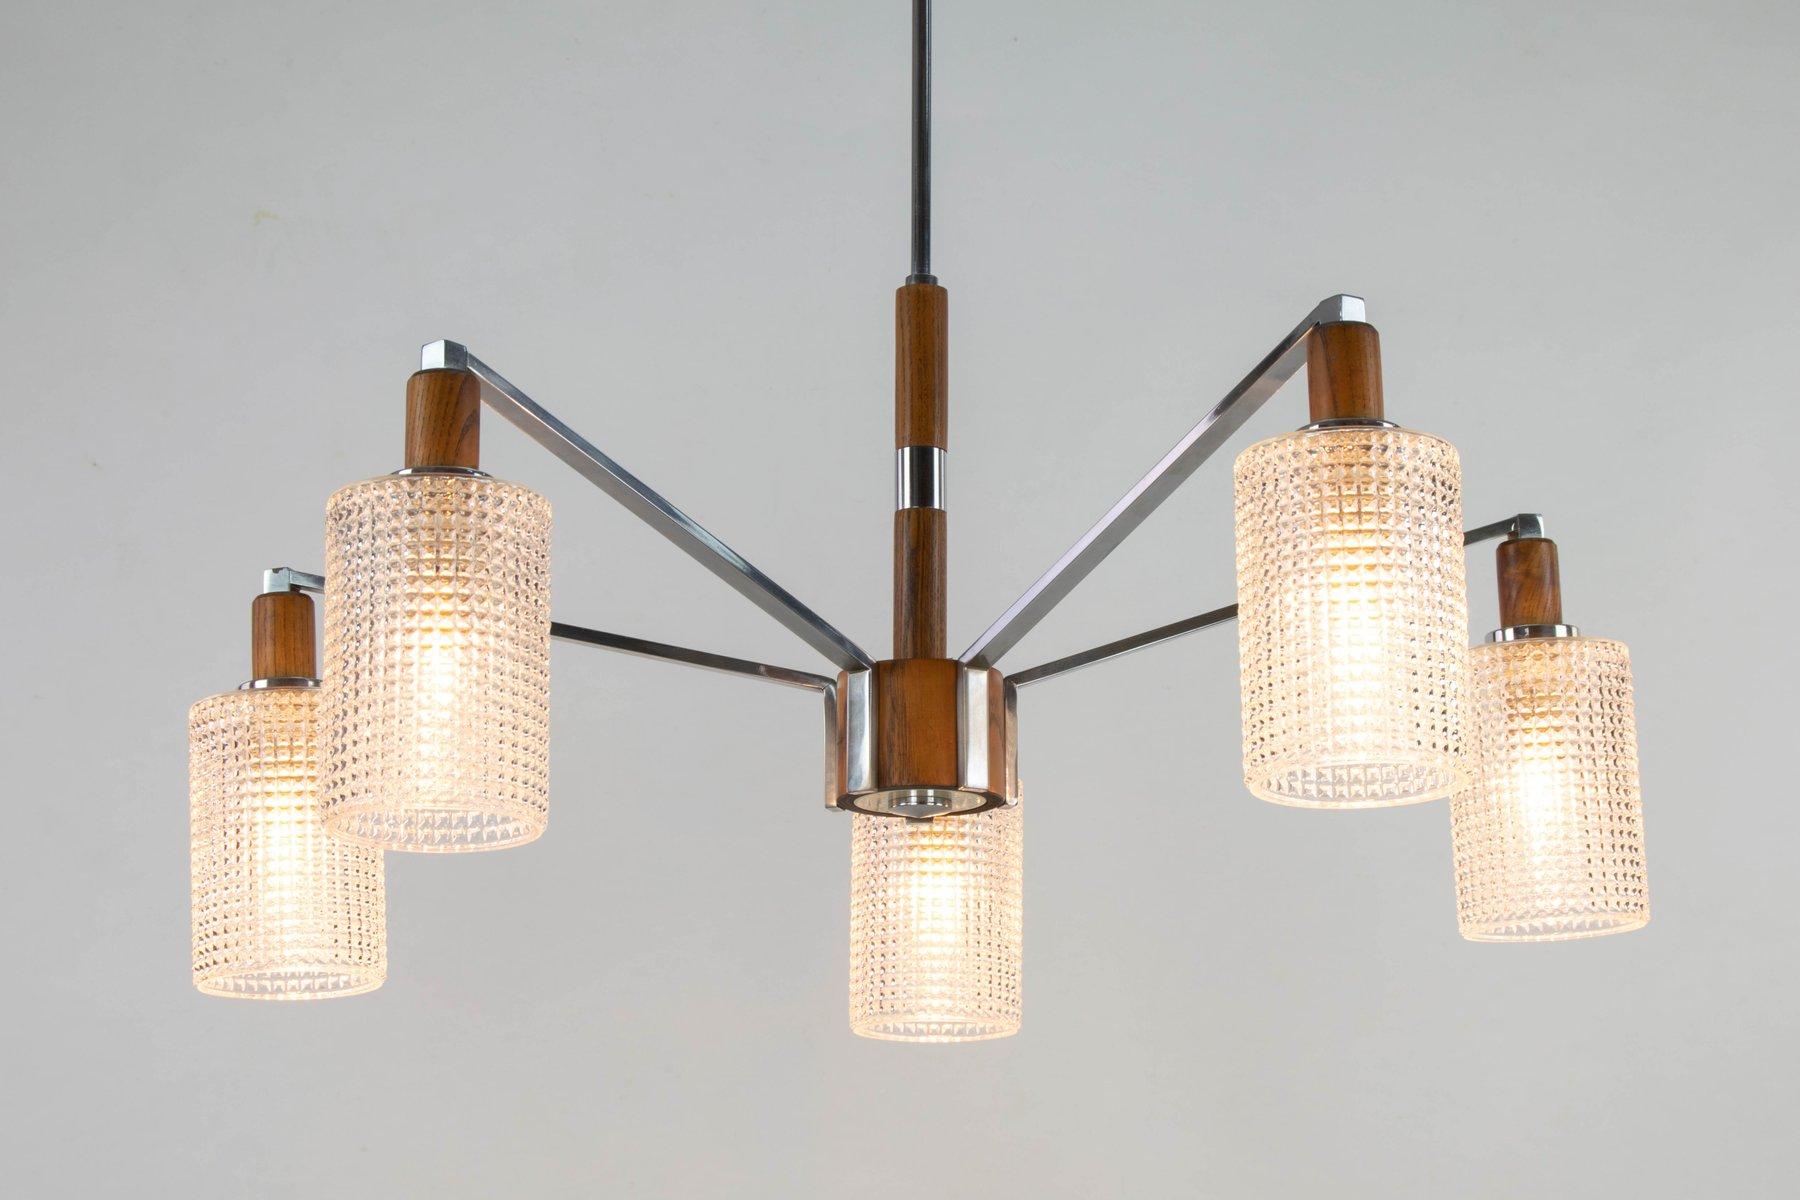 Plafoniere Legno E Vetro : Lampadario legno e vetro: lampada da tavolo in vetro modello